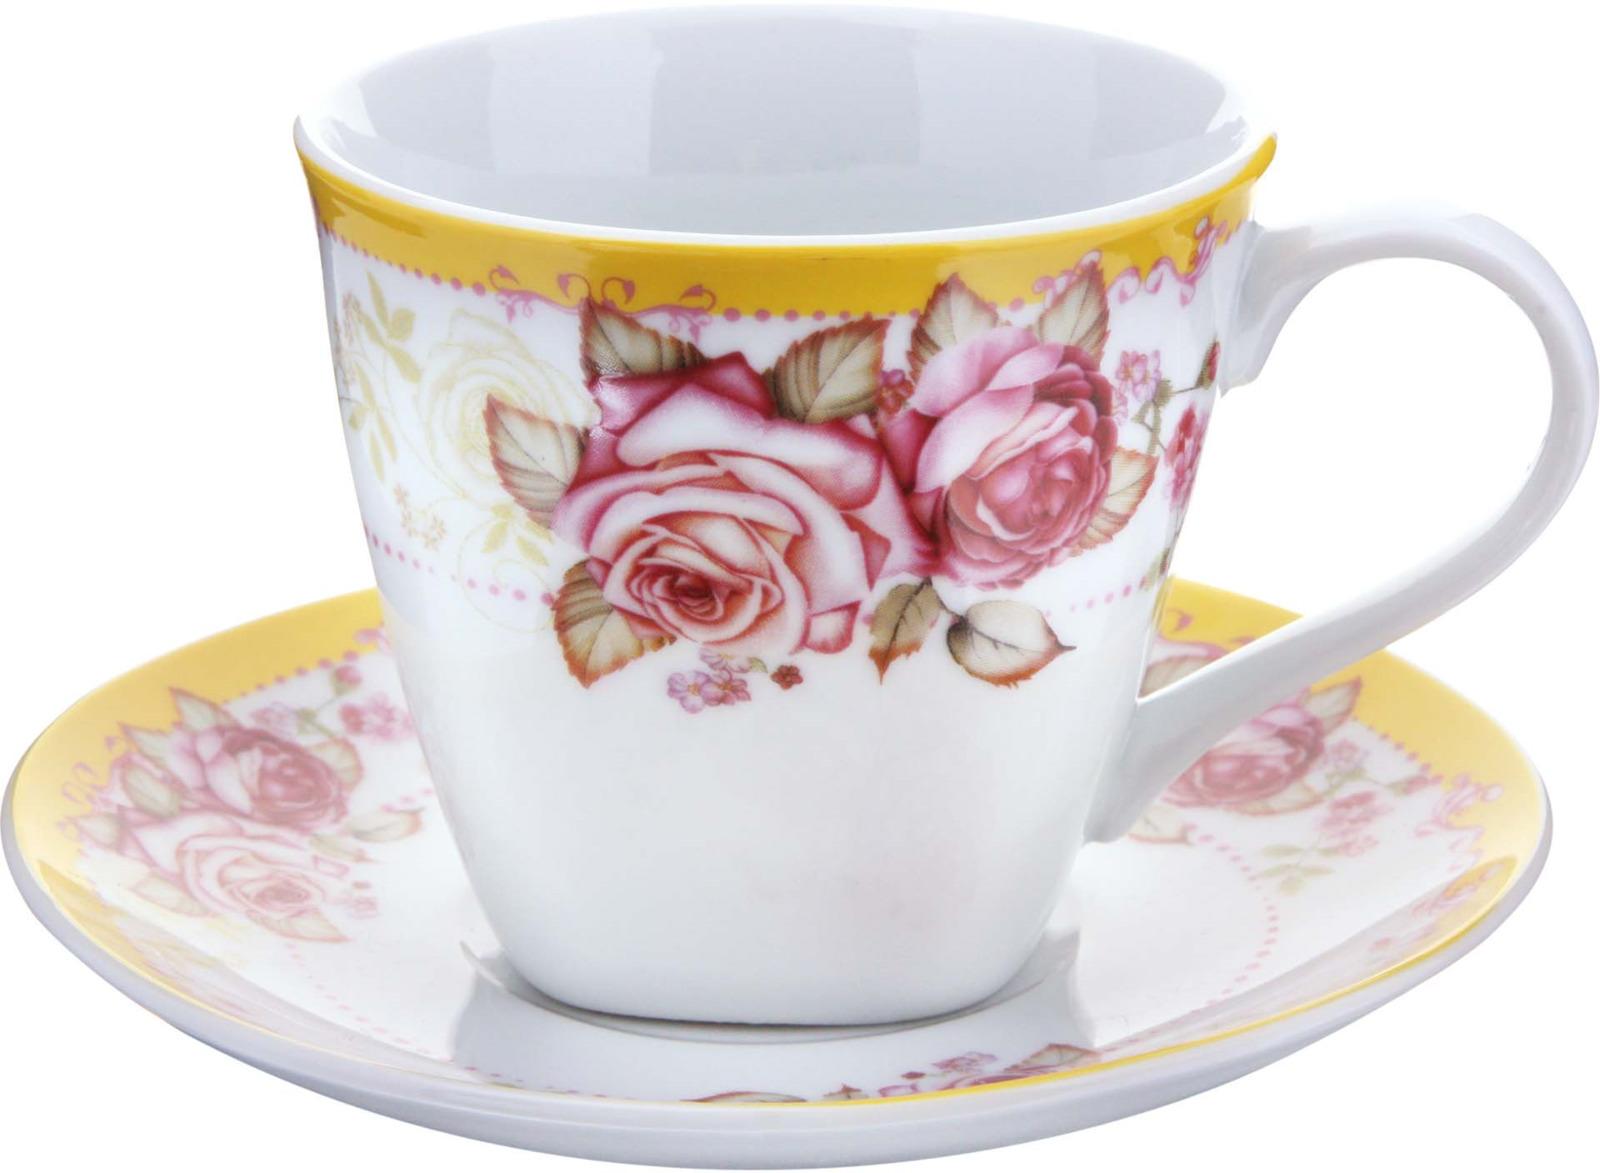 Чайная пара Loraine, цвет: белый, розовый, желтый, 2 предмета чайная пара loraine 220 мл с узором